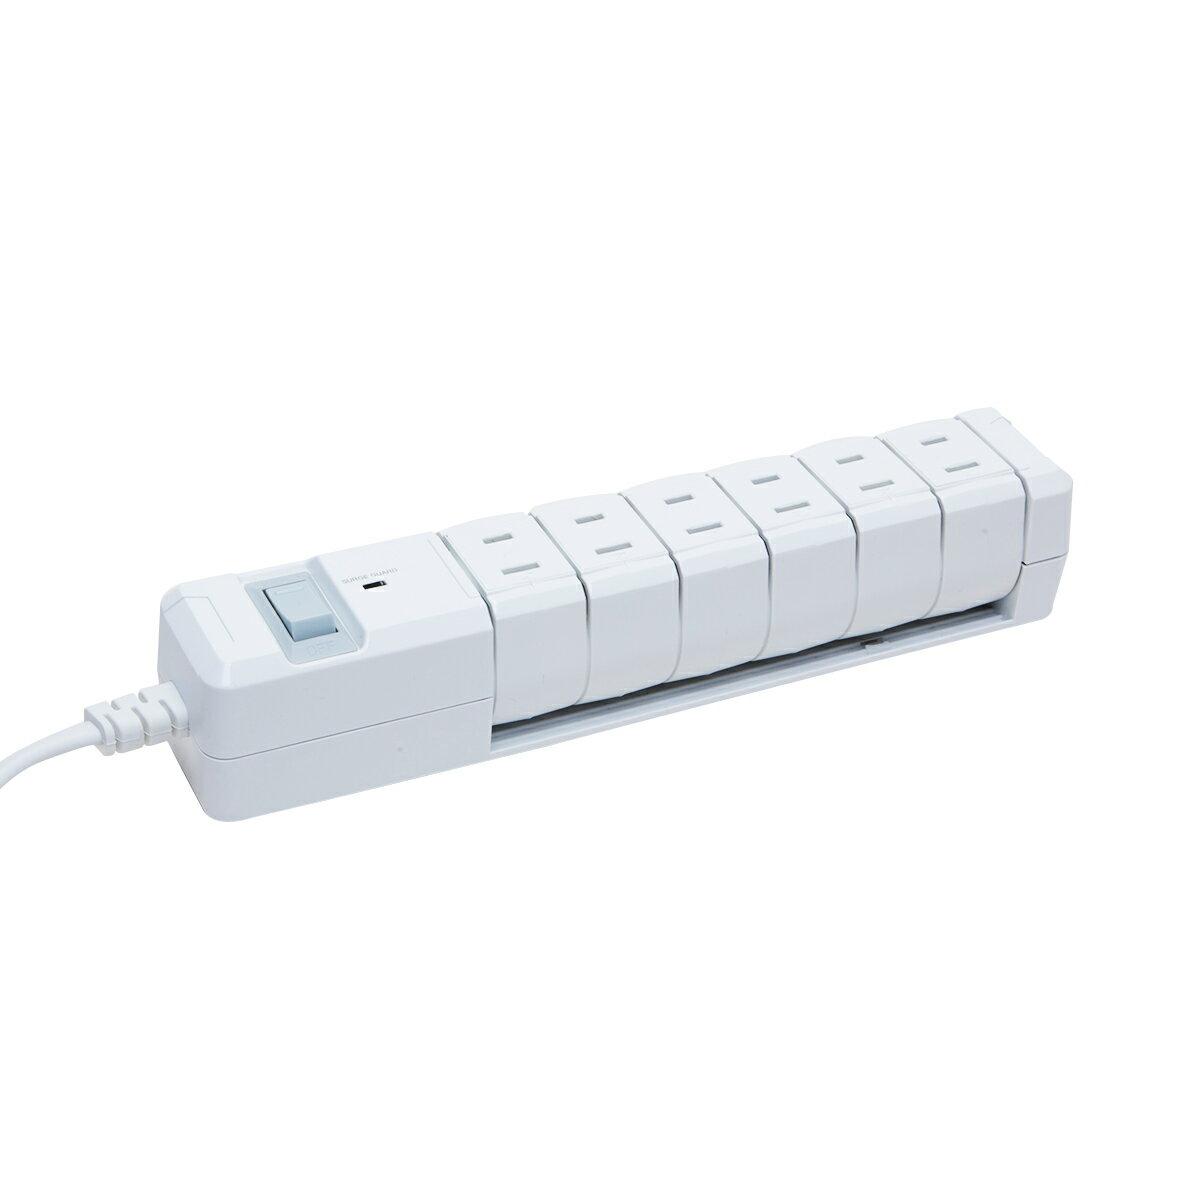 電源タップ 回転 おしゃれ インテリア デザイン TAPKING タップキング ホワイト/ネイビー AC6個口 雷サージガード 絶縁キャップ付 延長コード 2m OAタップ